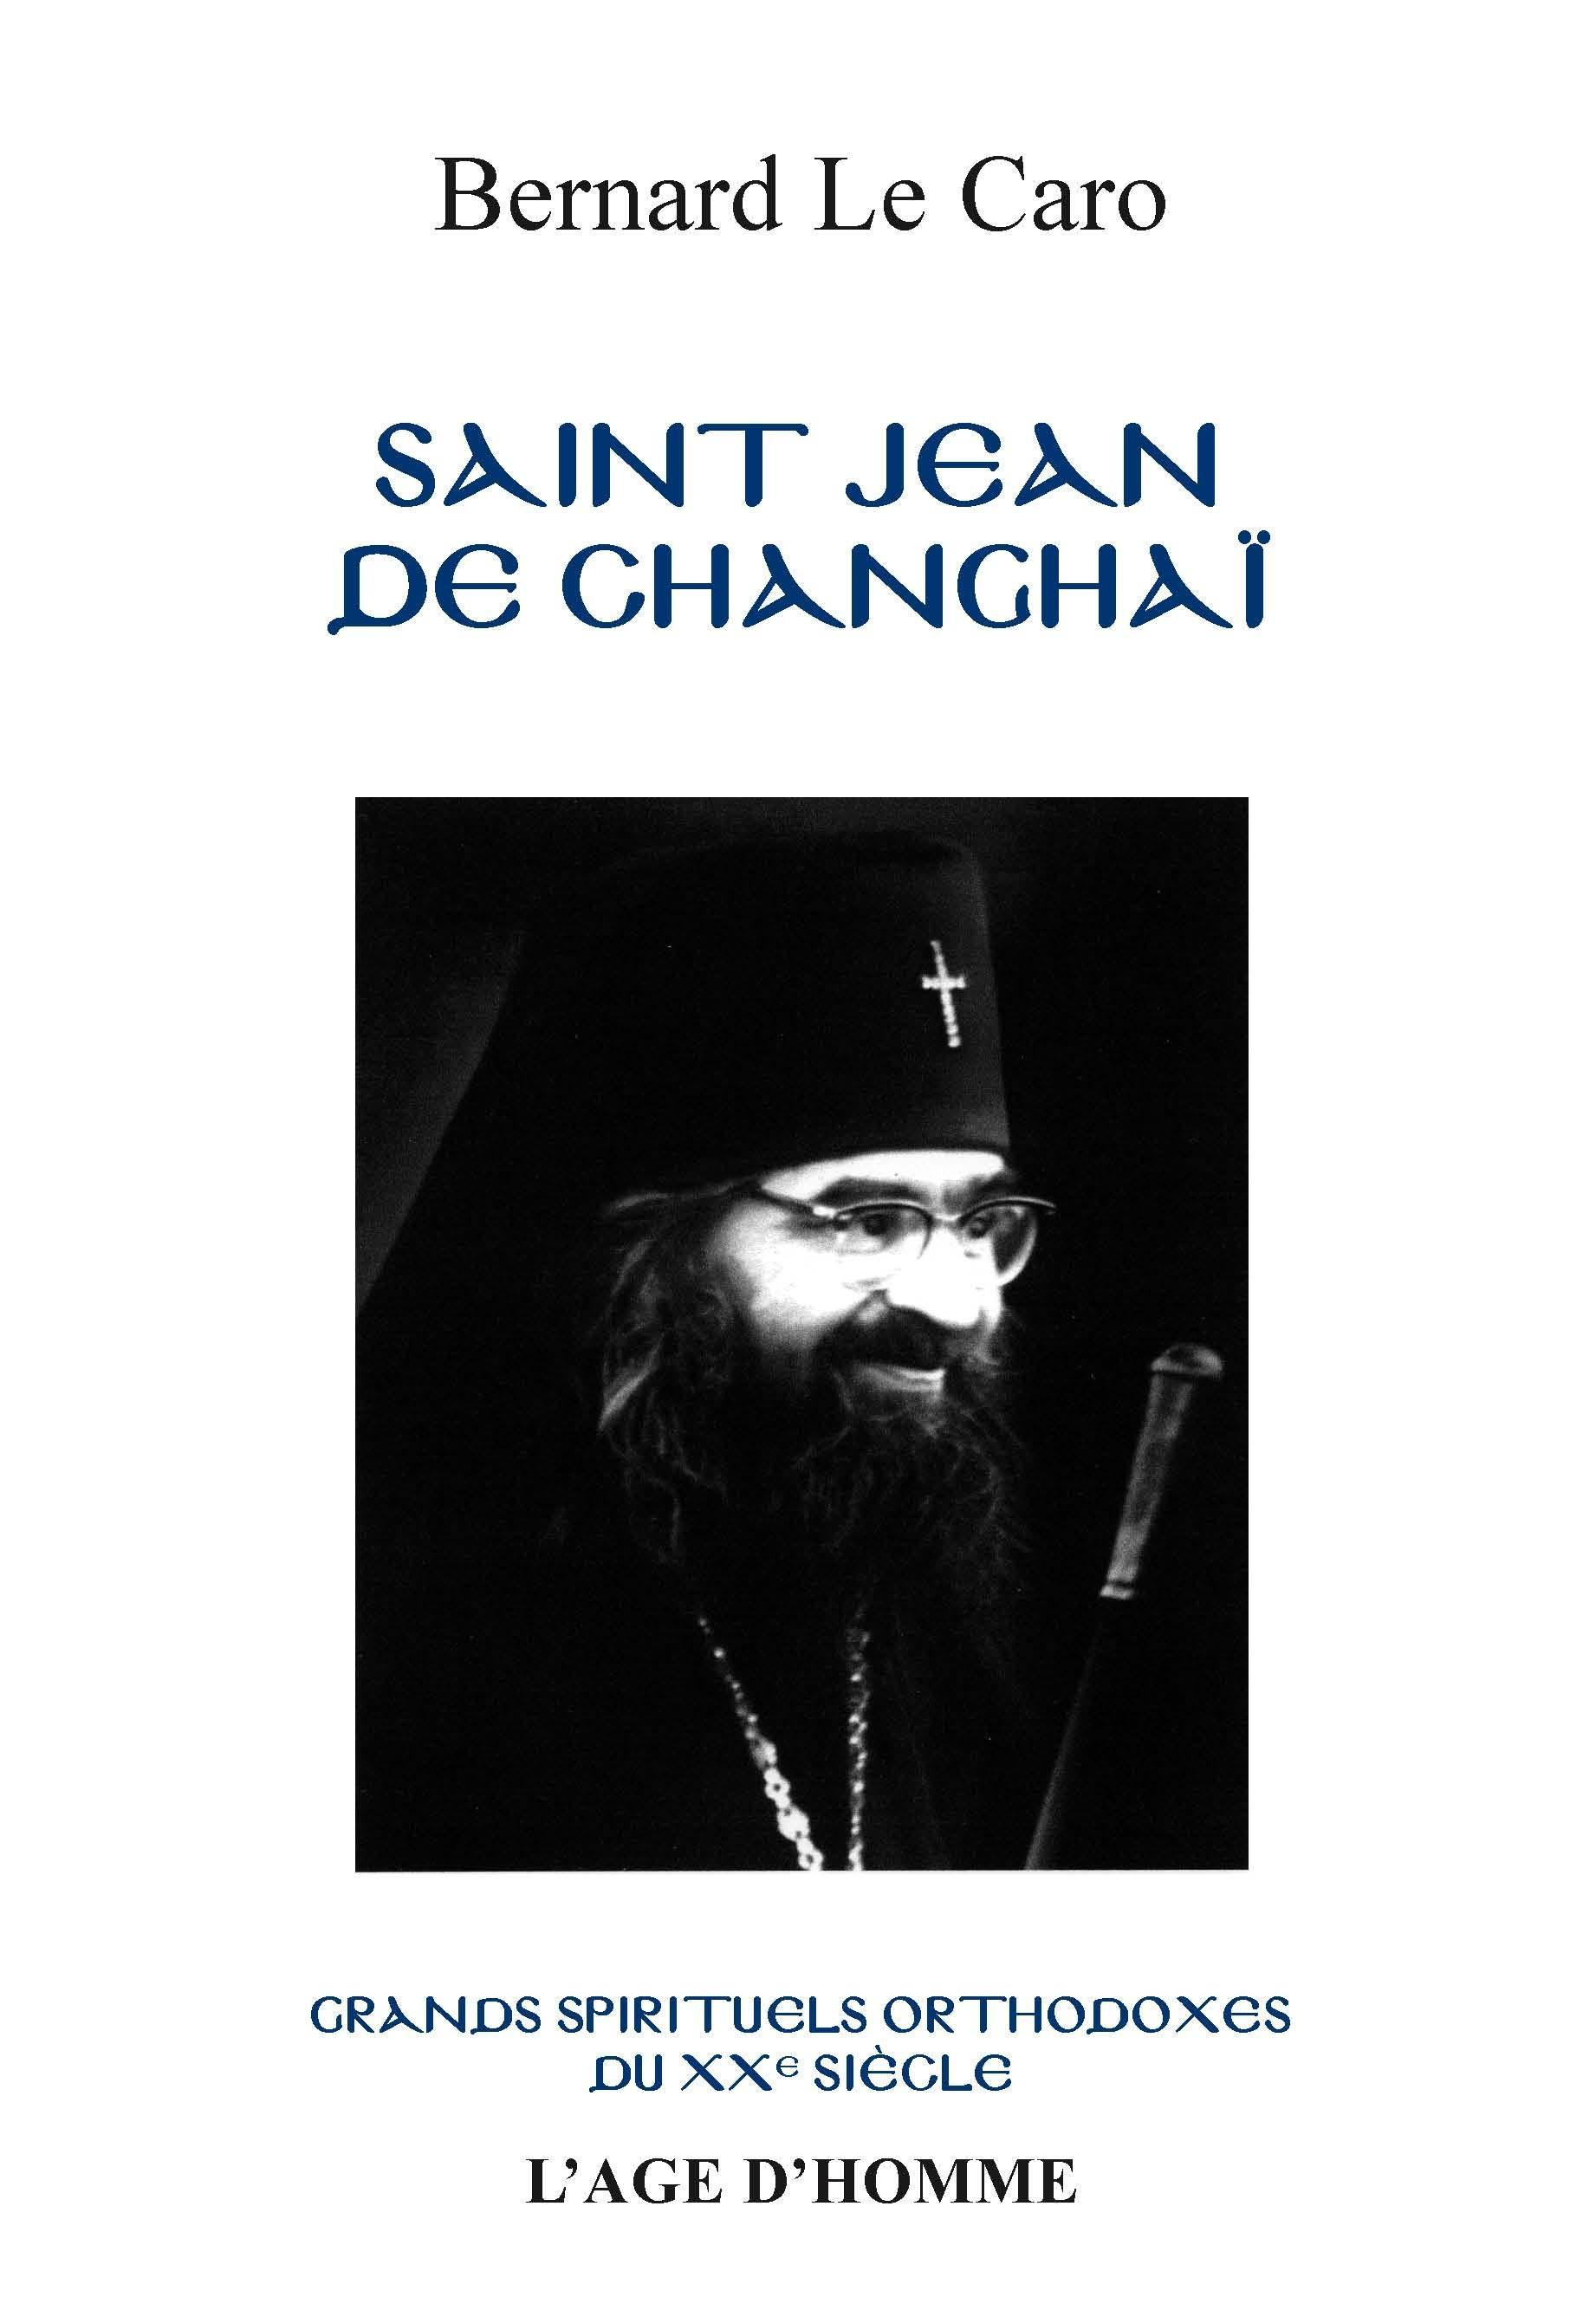 Bernard Le Caro - Saint Jean de Changhaï